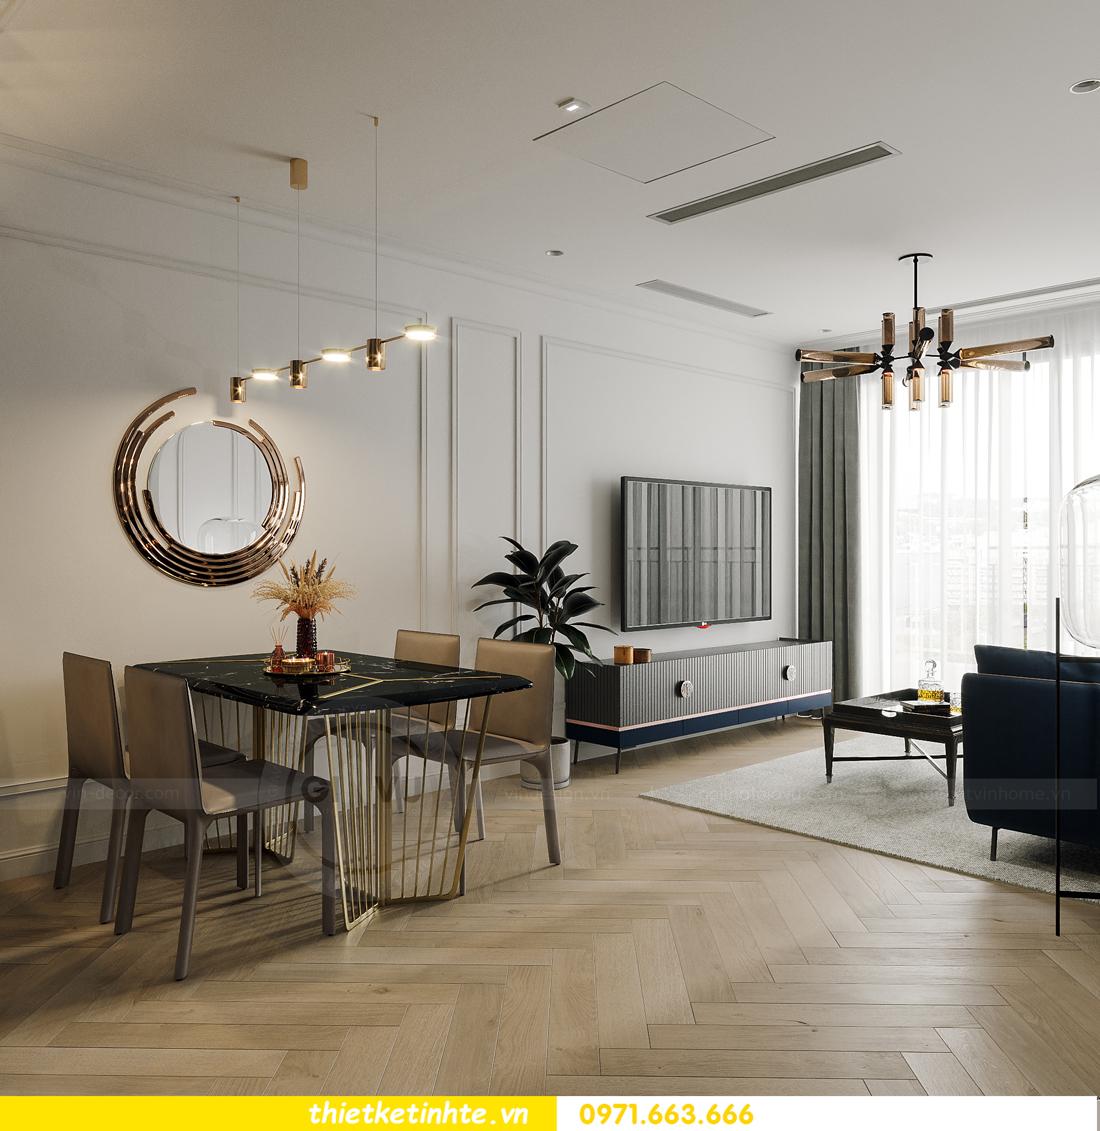 thiết kế nội thất chung cư Smart City tòa S102 căn 17 chị Hà 5